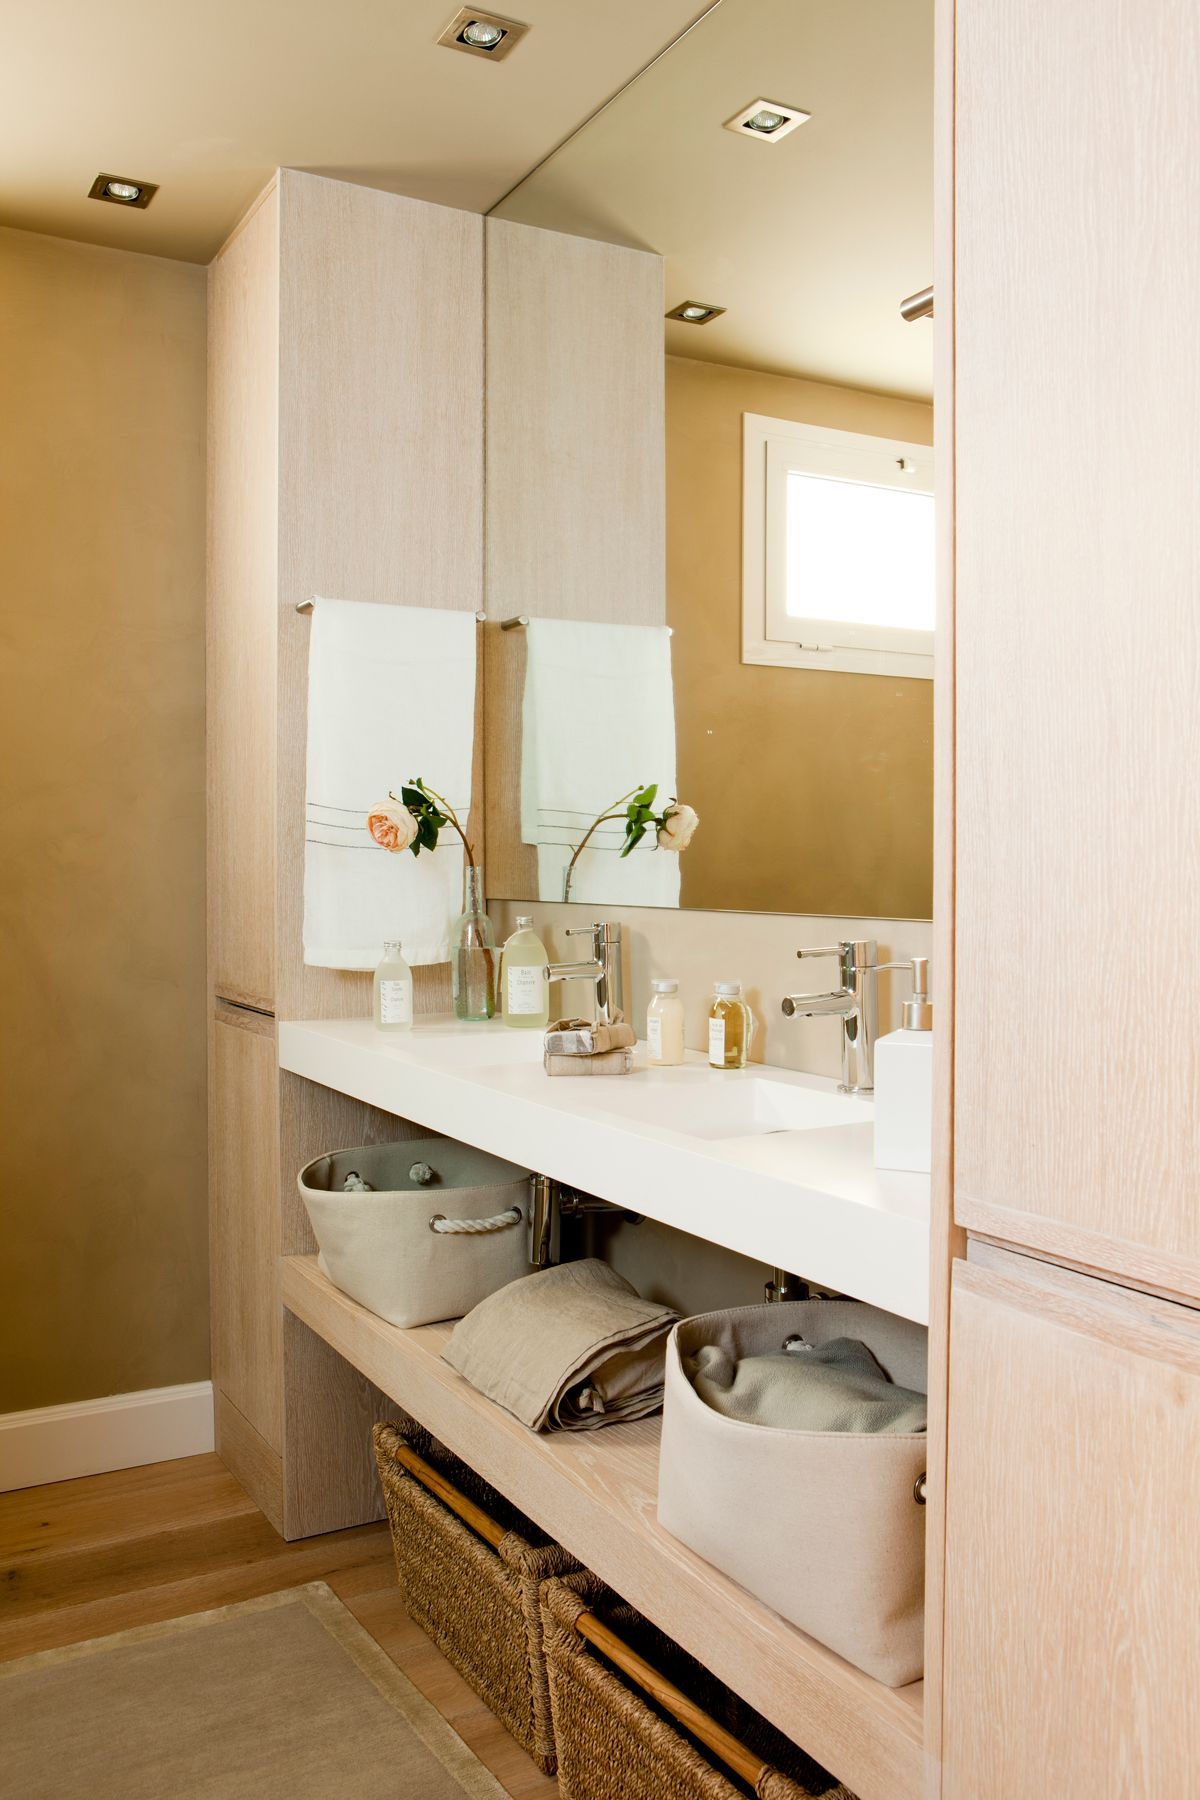 Muebles Cuarto Baño Silestone : Muebles geniales para ba?os reales espejo armario y ba?o